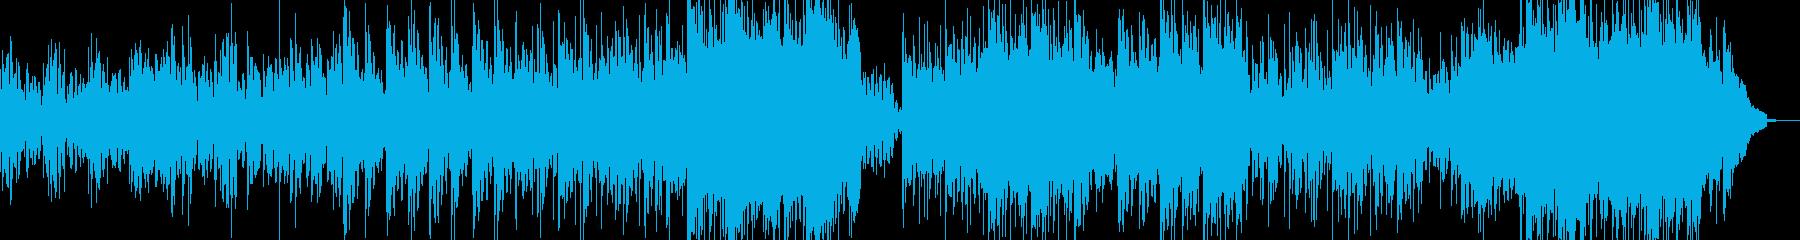 優し切ない心温まるスローポップ Aの再生済みの波形